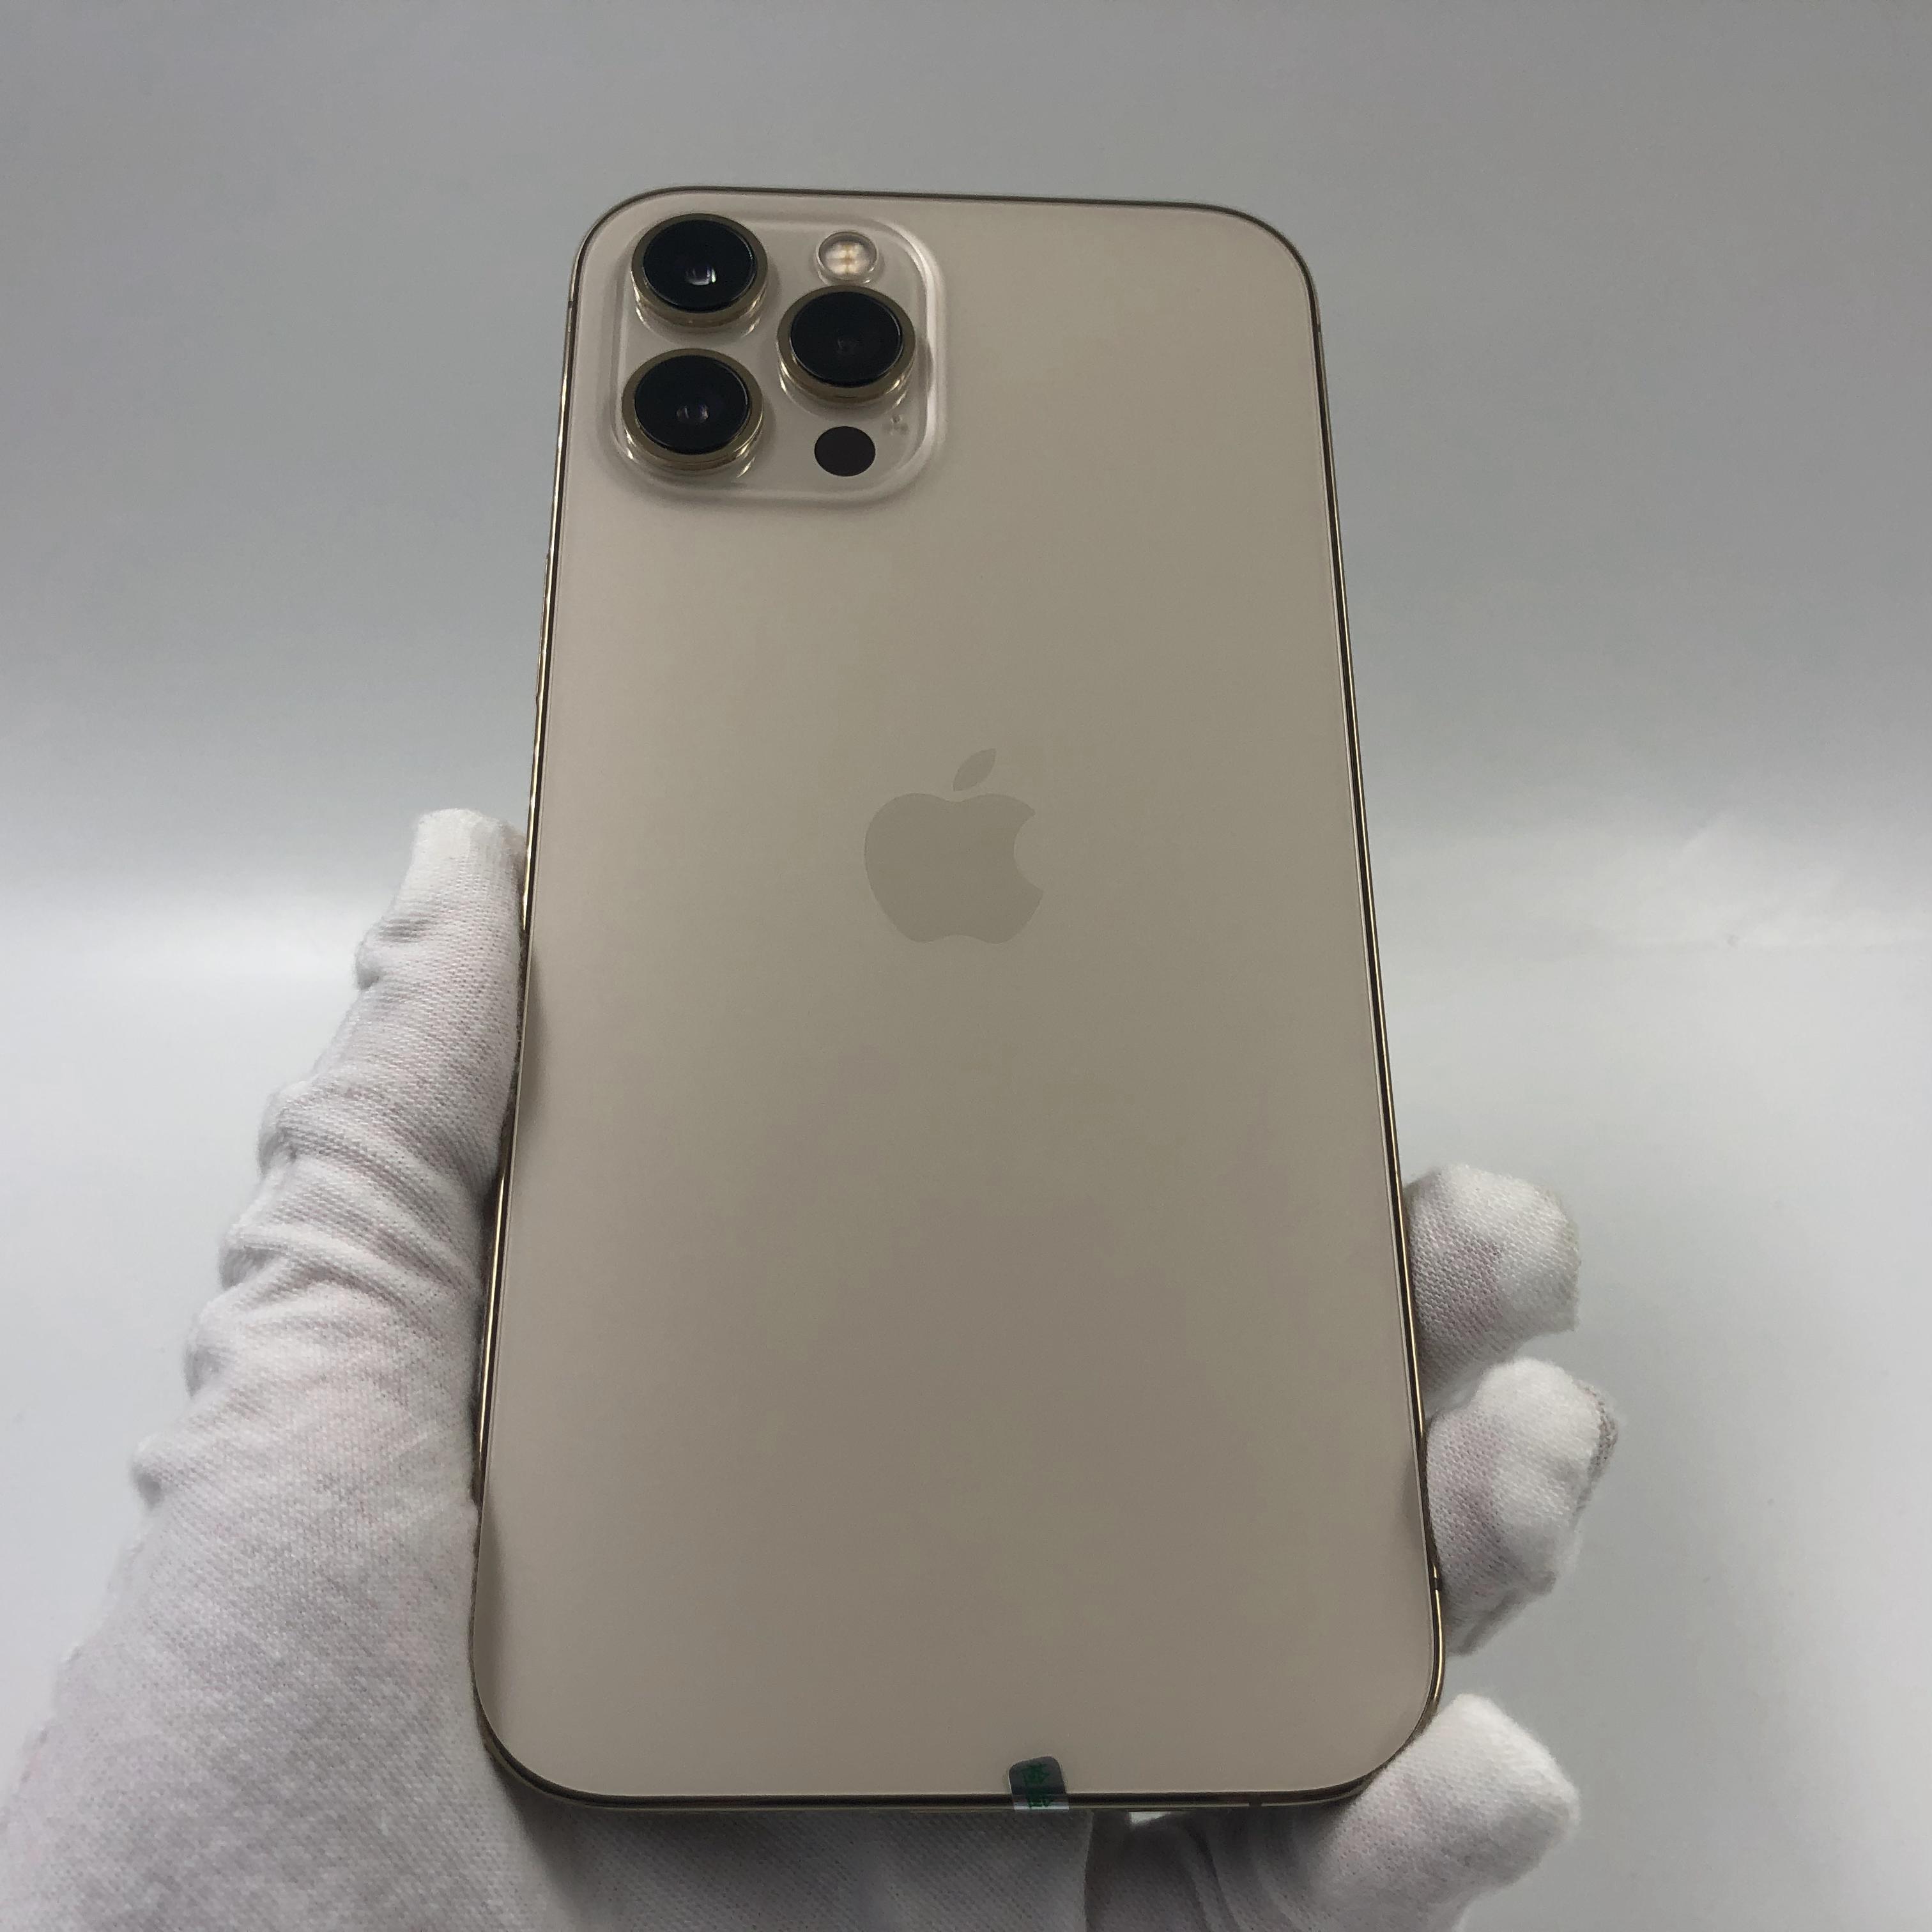 苹果【iPhone 12 Pro Max】5G全网通 金色 256G 国行 8成新 真机实拍官保2021-11-28